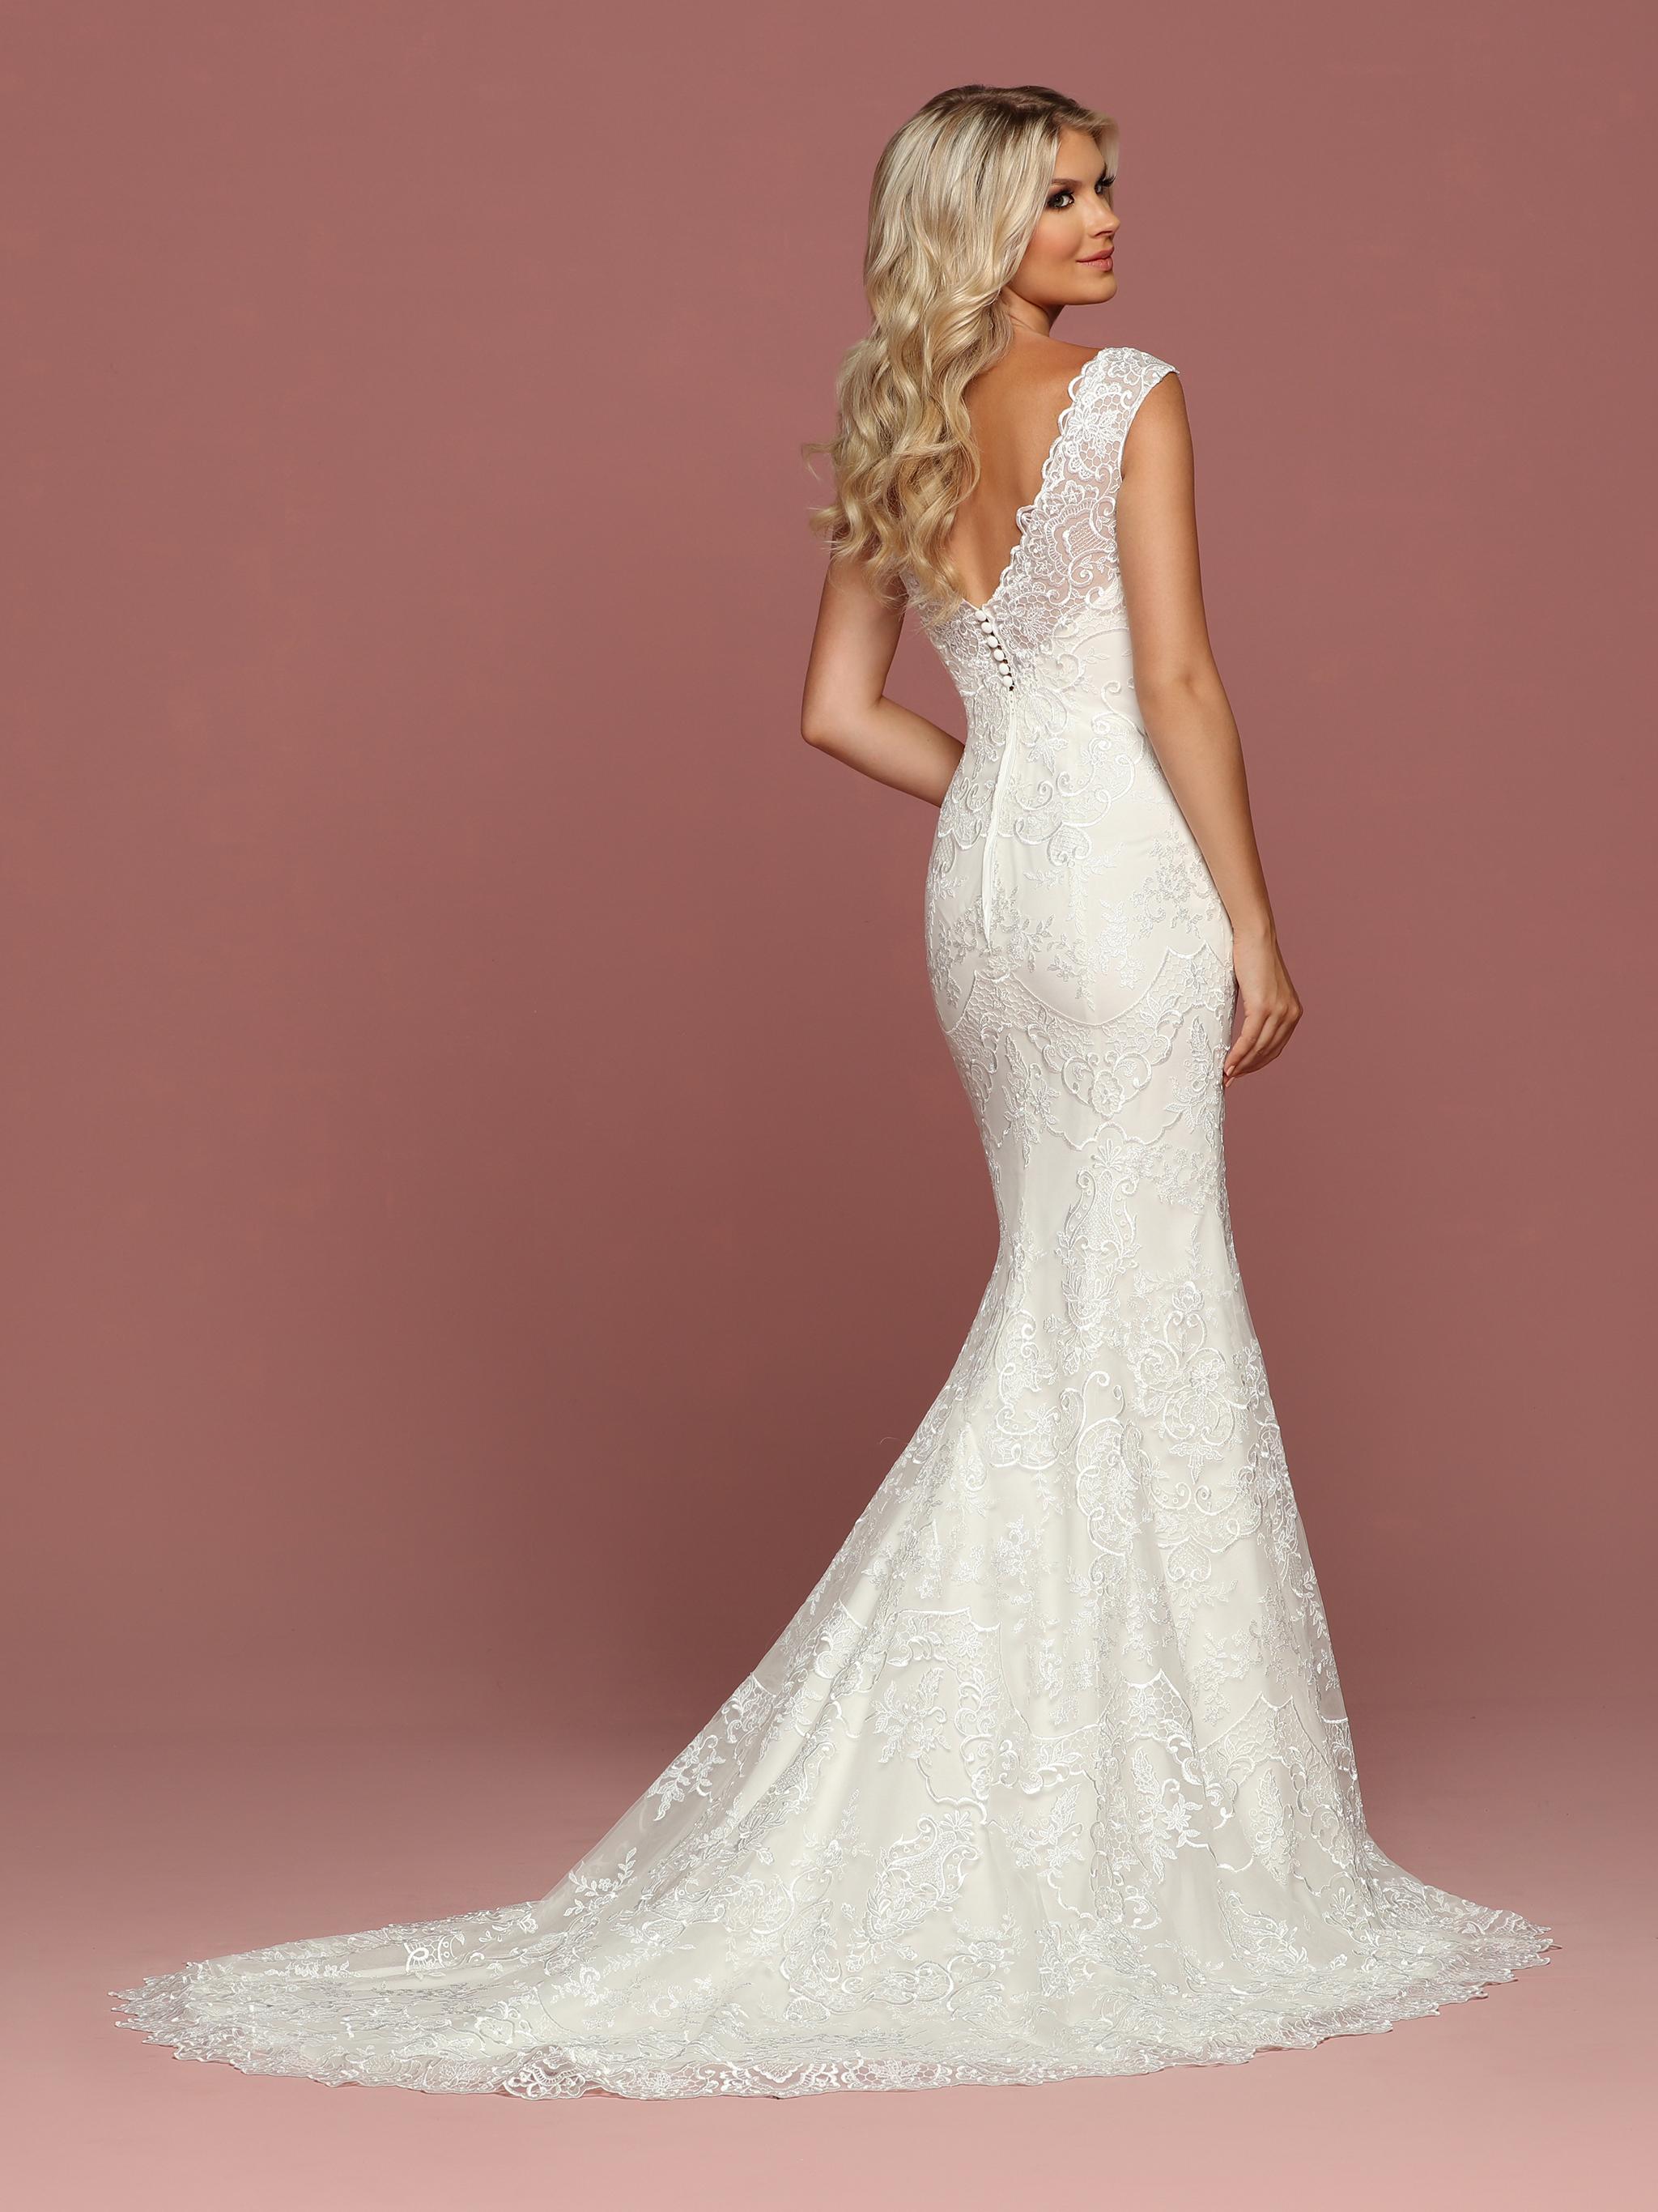 DaVinci Bridal Style #50507 - Back View